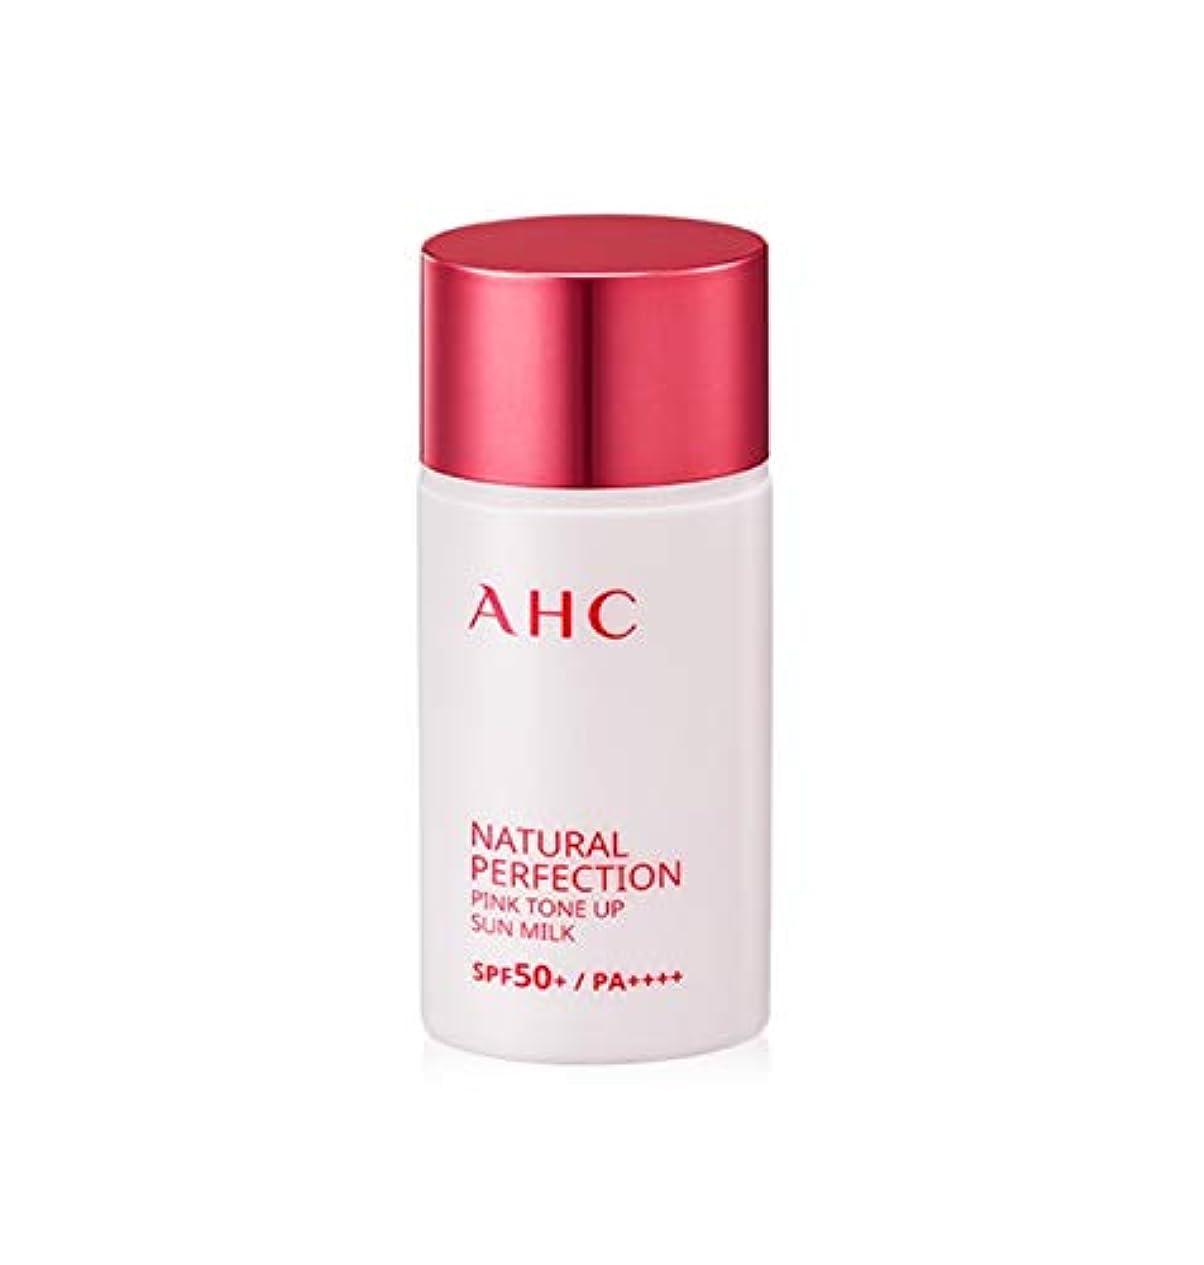 アスリートおなかがすいた重荷AHC ナチュラルパーフェクションピンクトンオプ線ミルク 40ml / AHC NATURAL PERFECTION PINK TONE UP SUN MILK 40ml [並行輸入品]